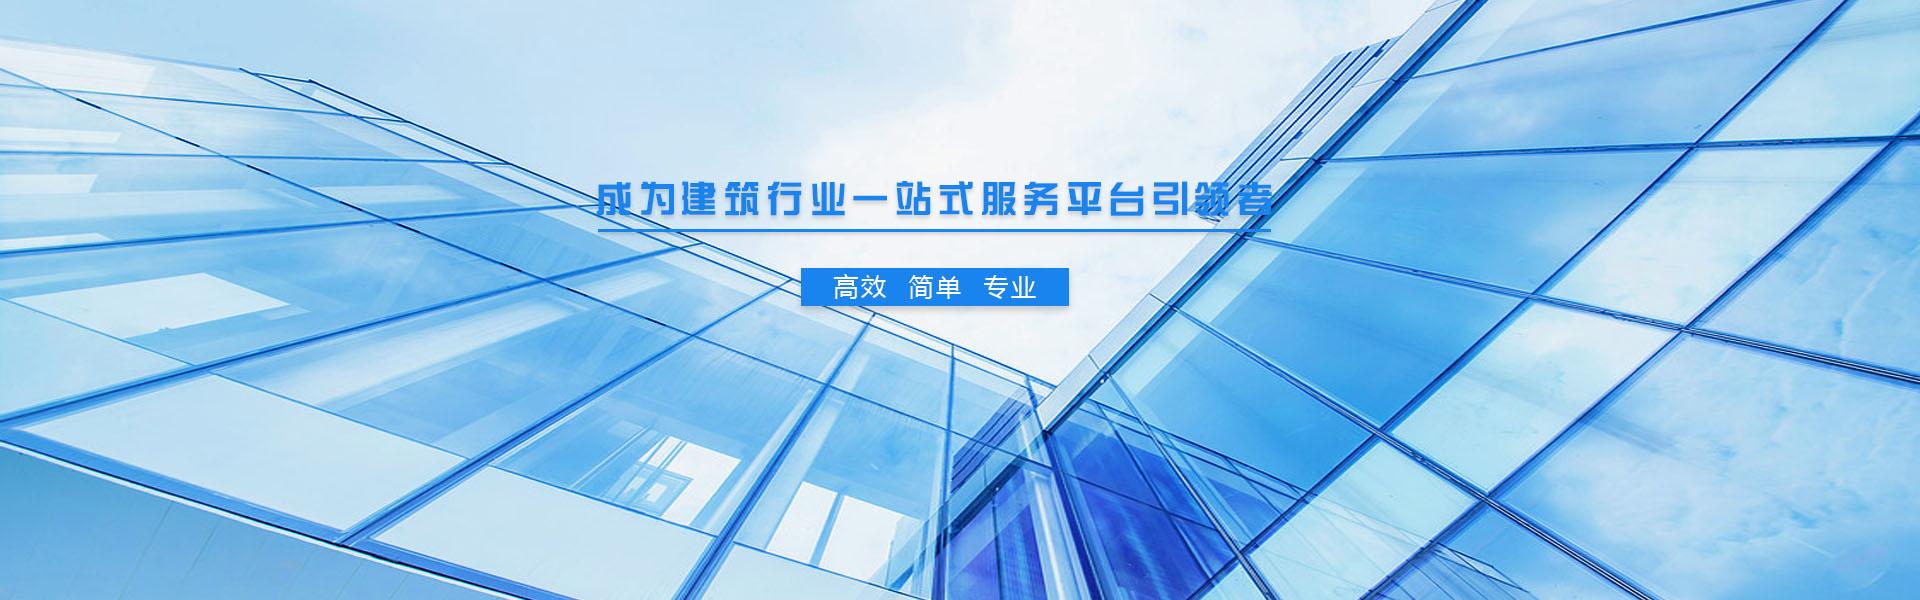 云南本地建造师公司 欢迎咨询 云南百灿企业管理咨询供应